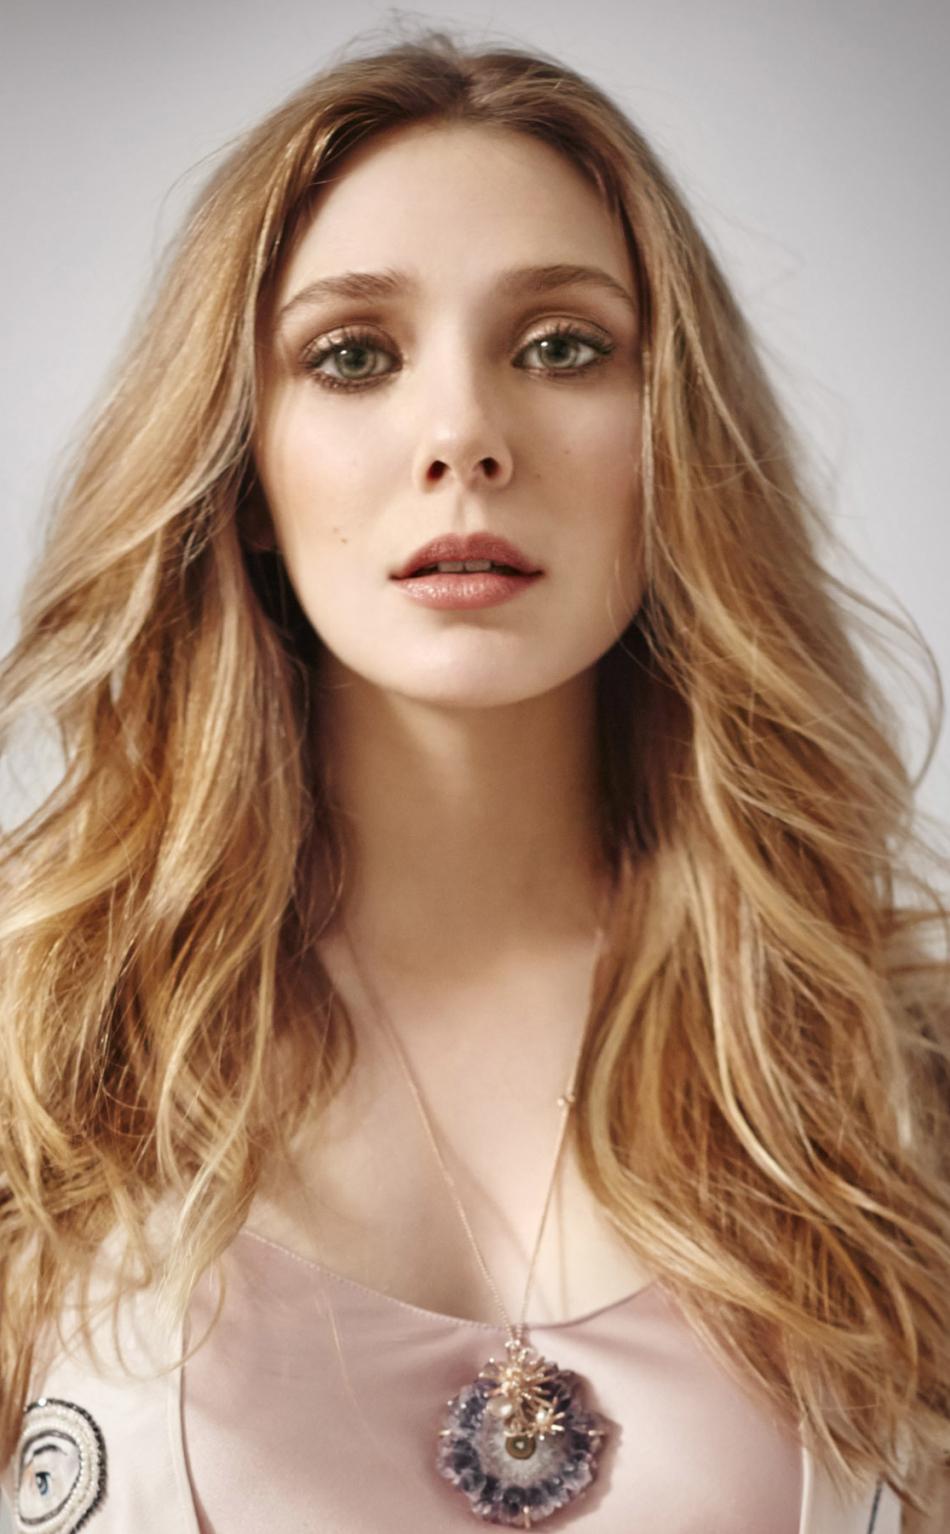 Curious Blonde Gorgeous Elizabeth Olsen 950x1534 Wallpaper